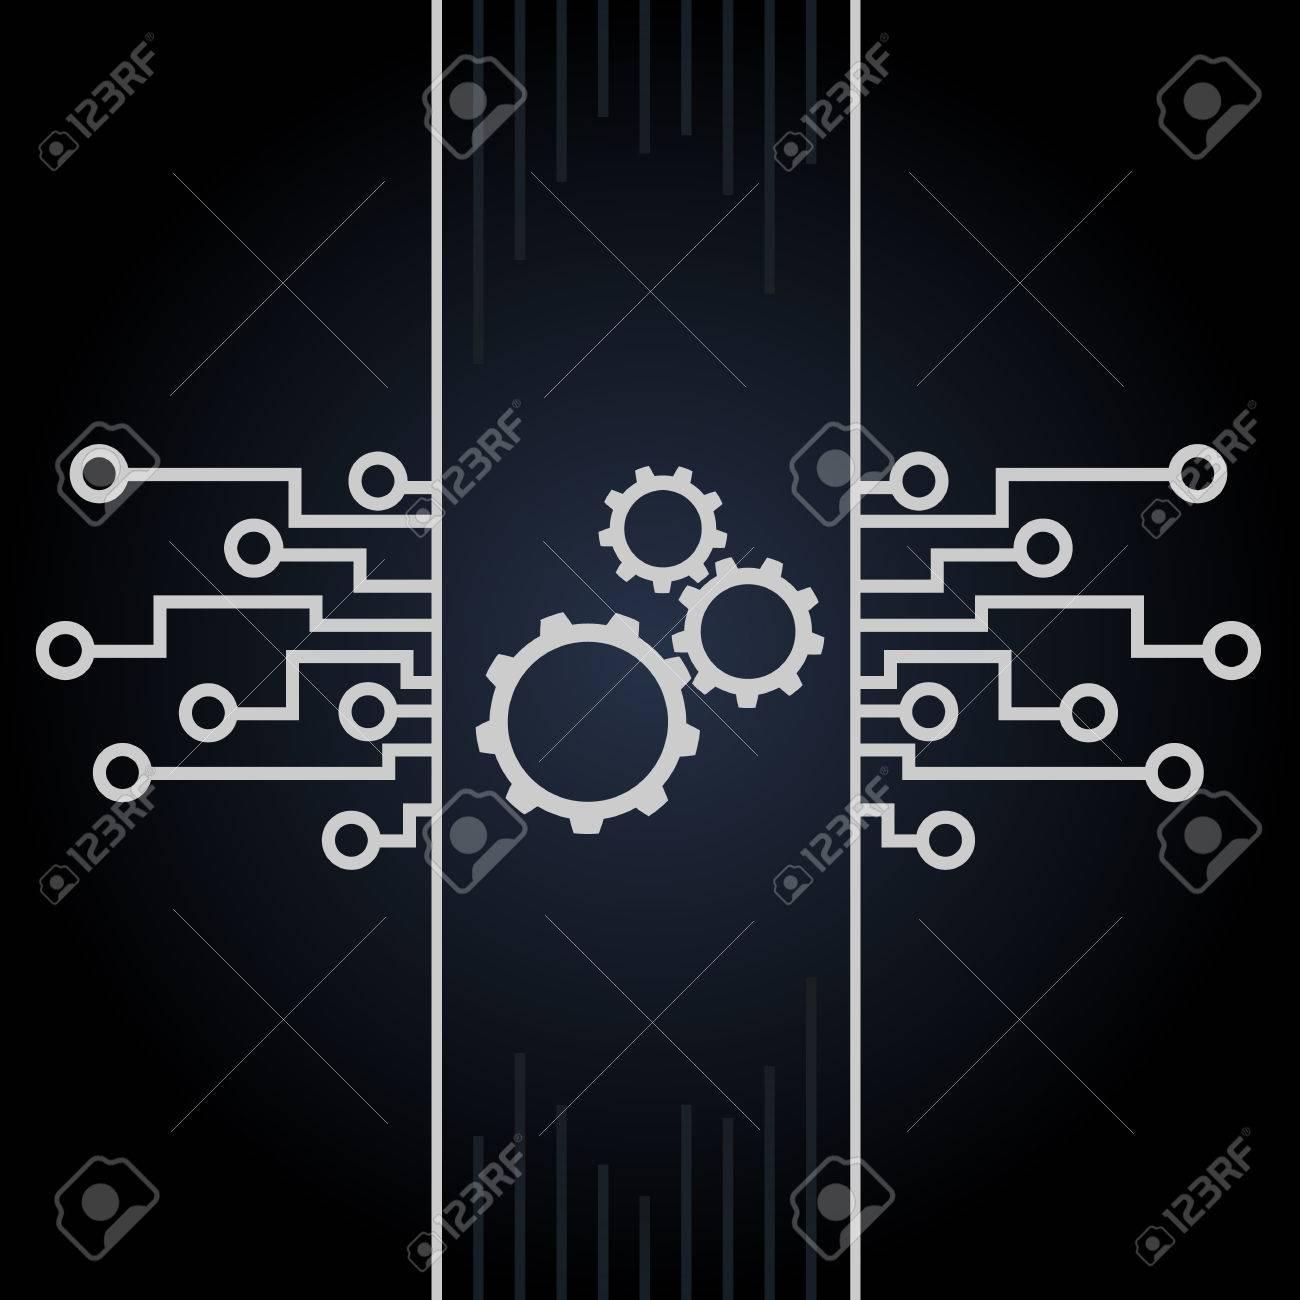 Circuito Y : Placa de circuito y engranajes vector sobre fondo negro diseño de